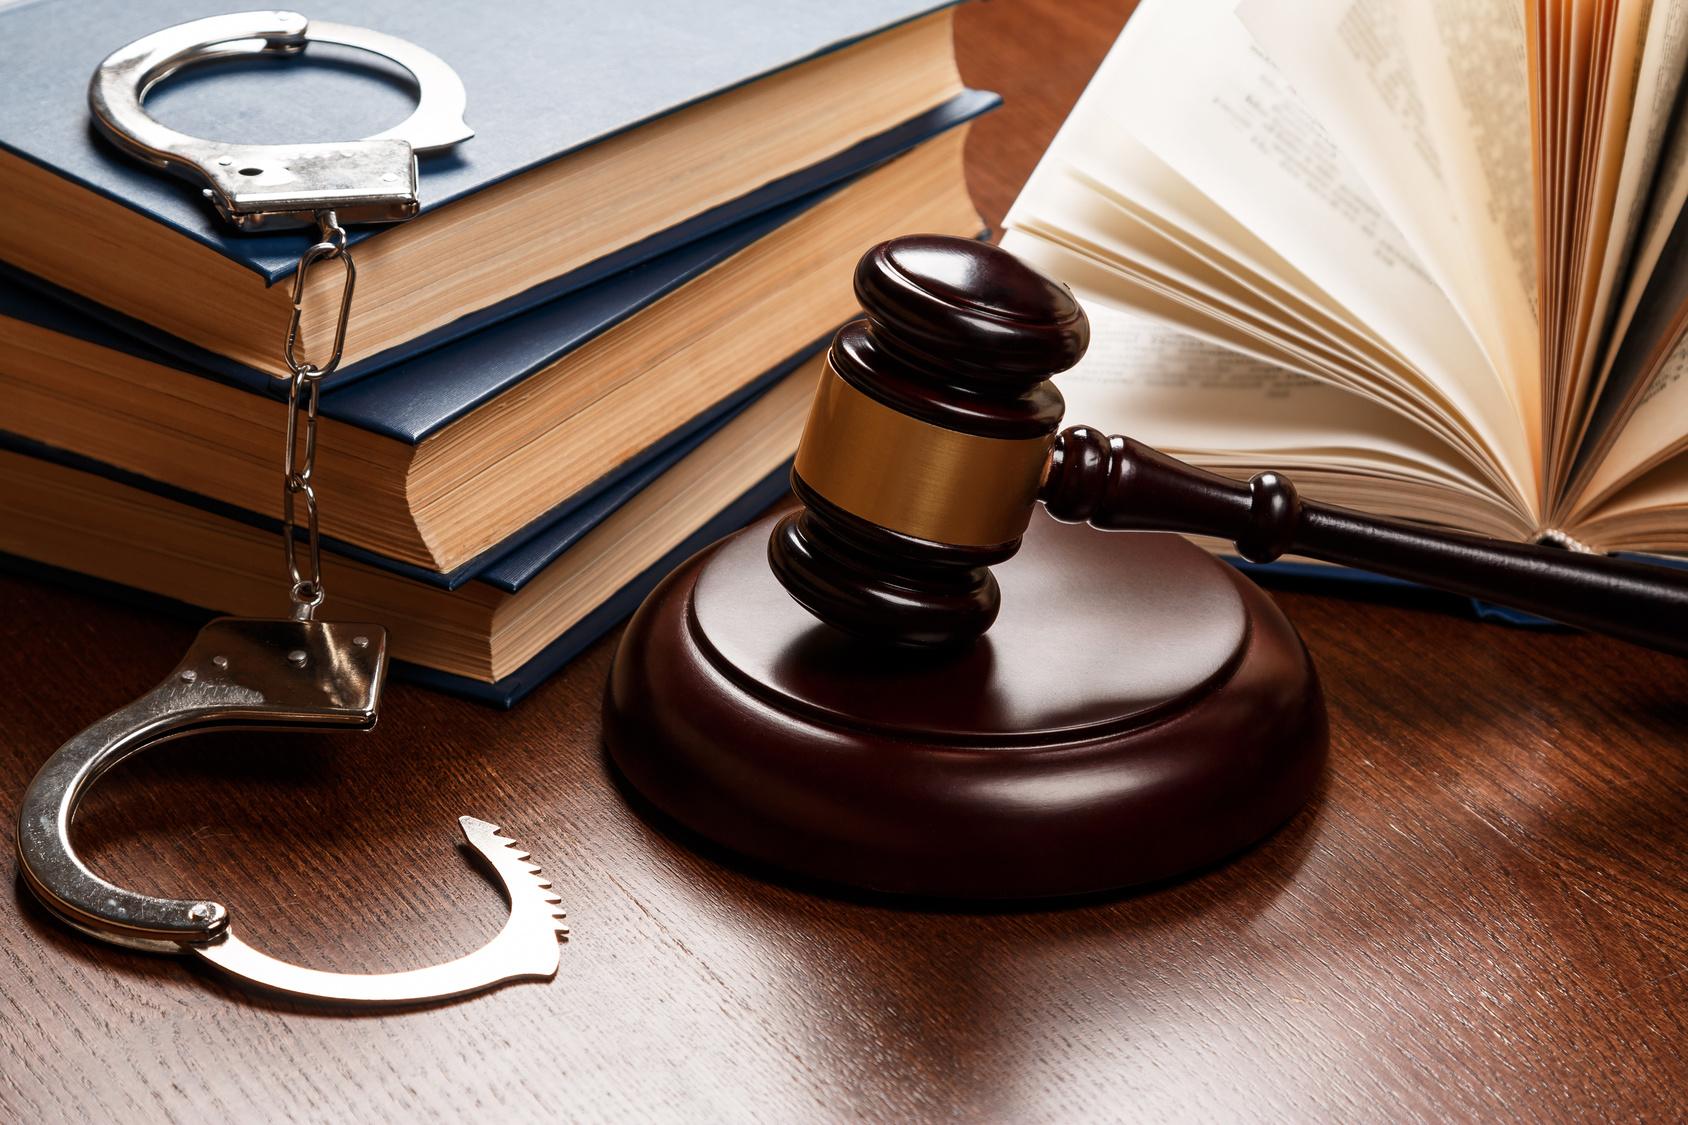 Riqualificazione giuridica del fatto e aggravamento dei termini prescrizionali: Cass. 23410/2020